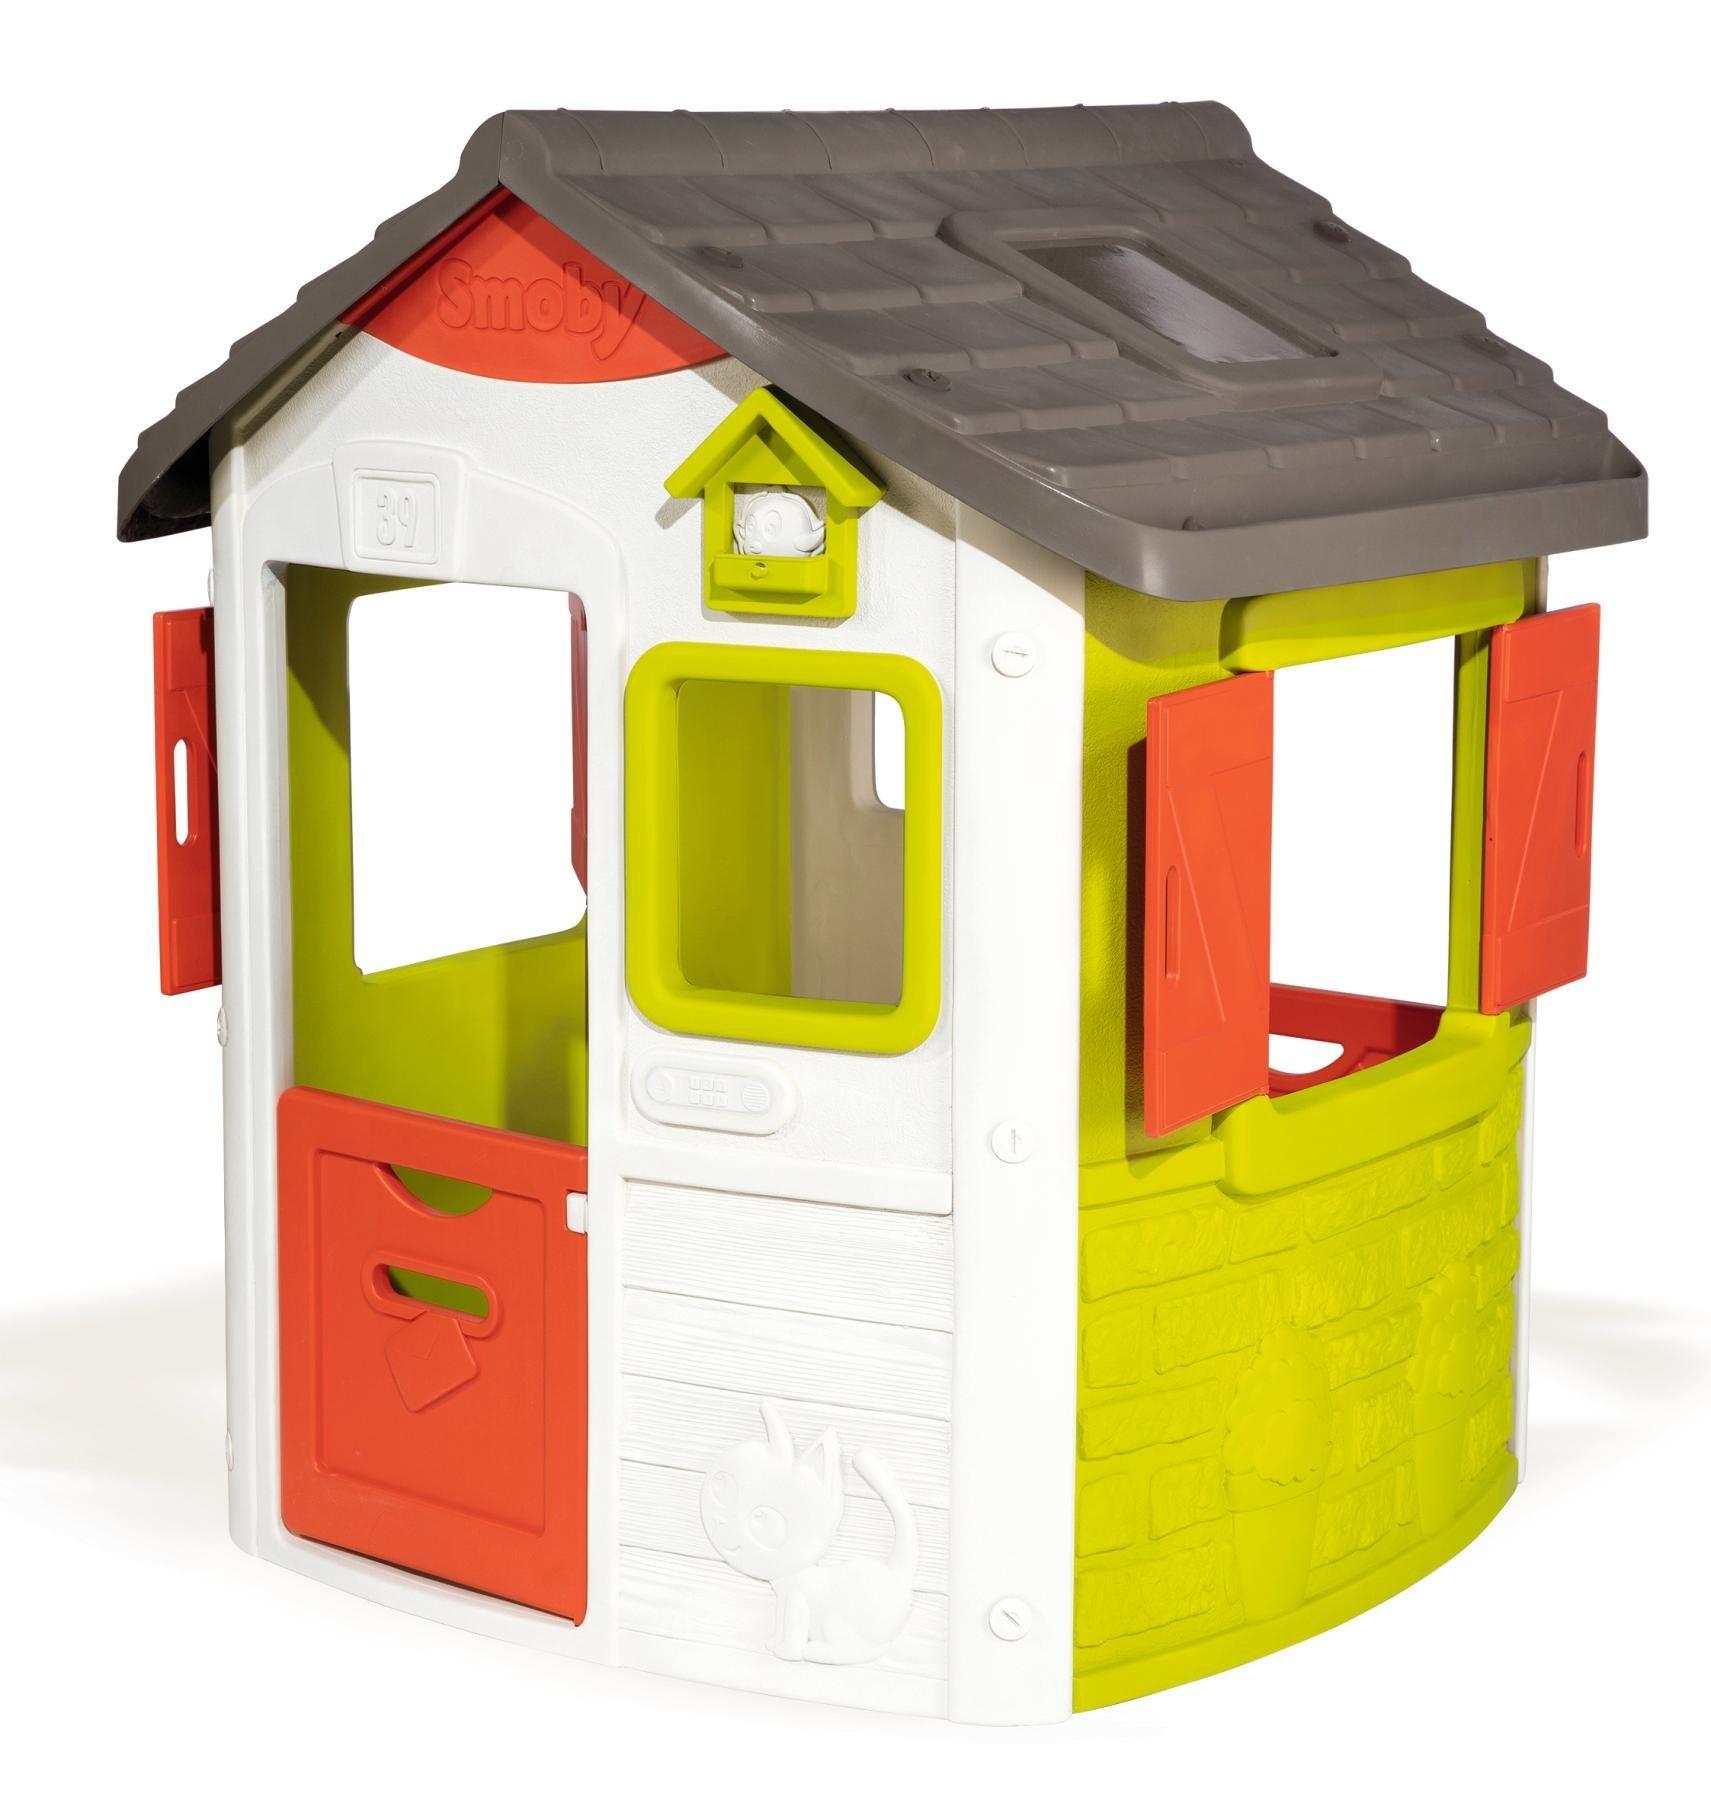 Smoby speelhuis Neo Jura Lodge goedkoop op otto.nl kopen